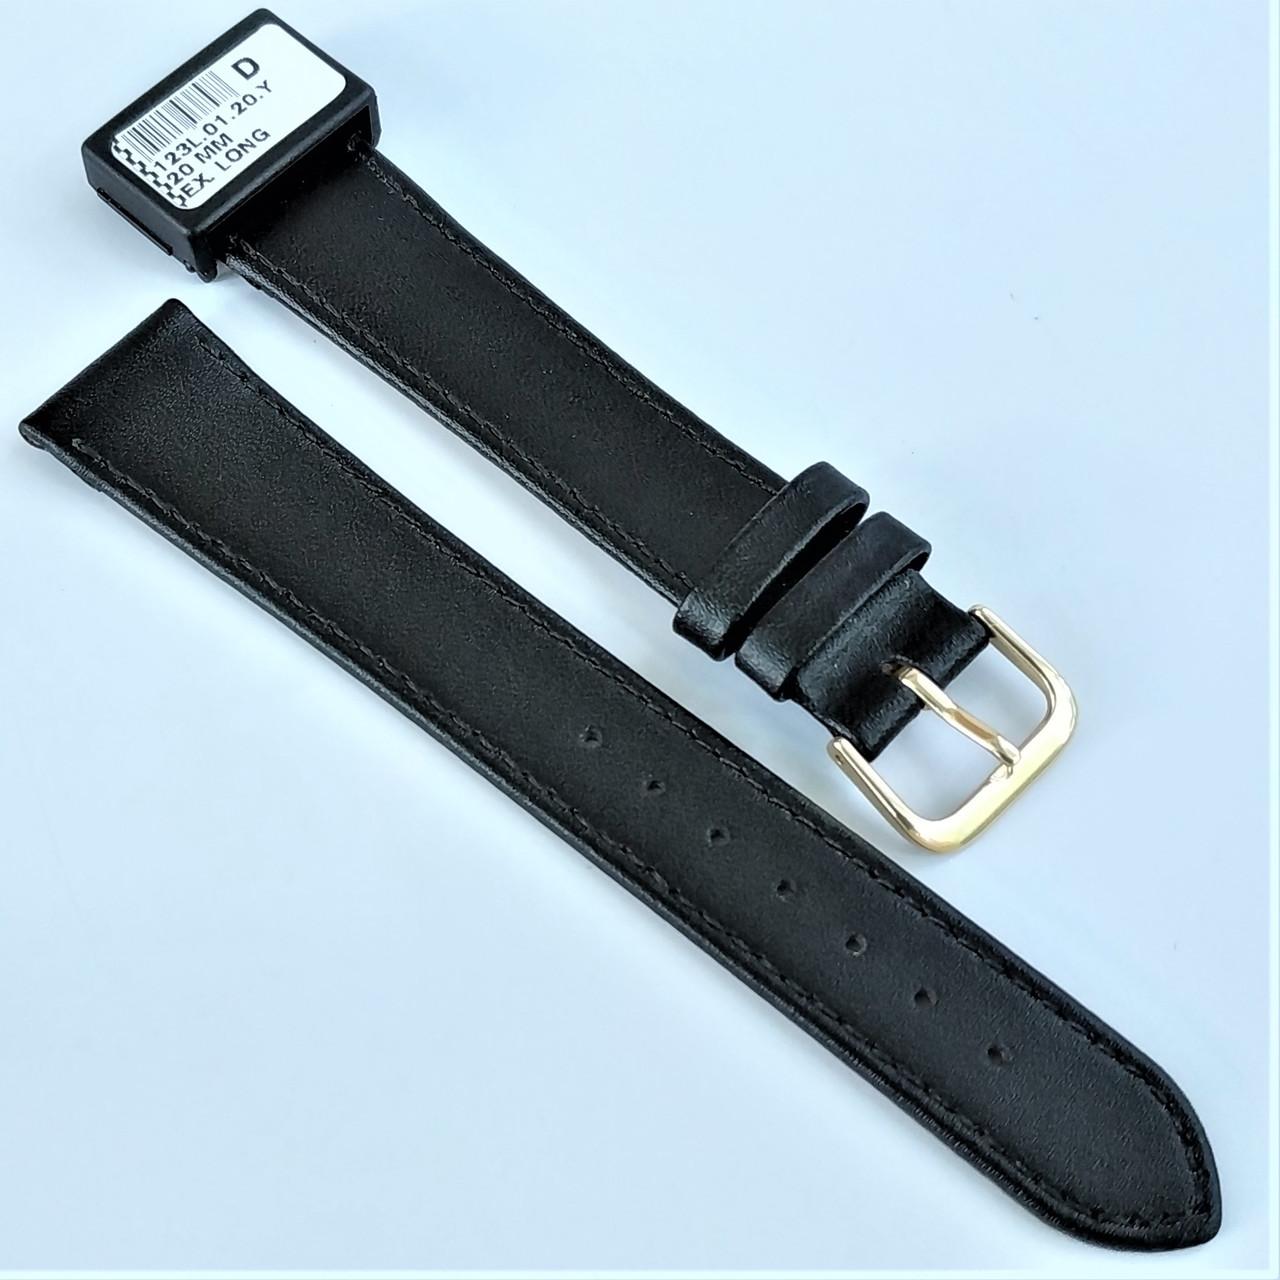 20 мм Кожаный Ремешок для часов CONDOR 123L.20.01 Черный Ремешок на часы из Натуральной кожи удлиненный